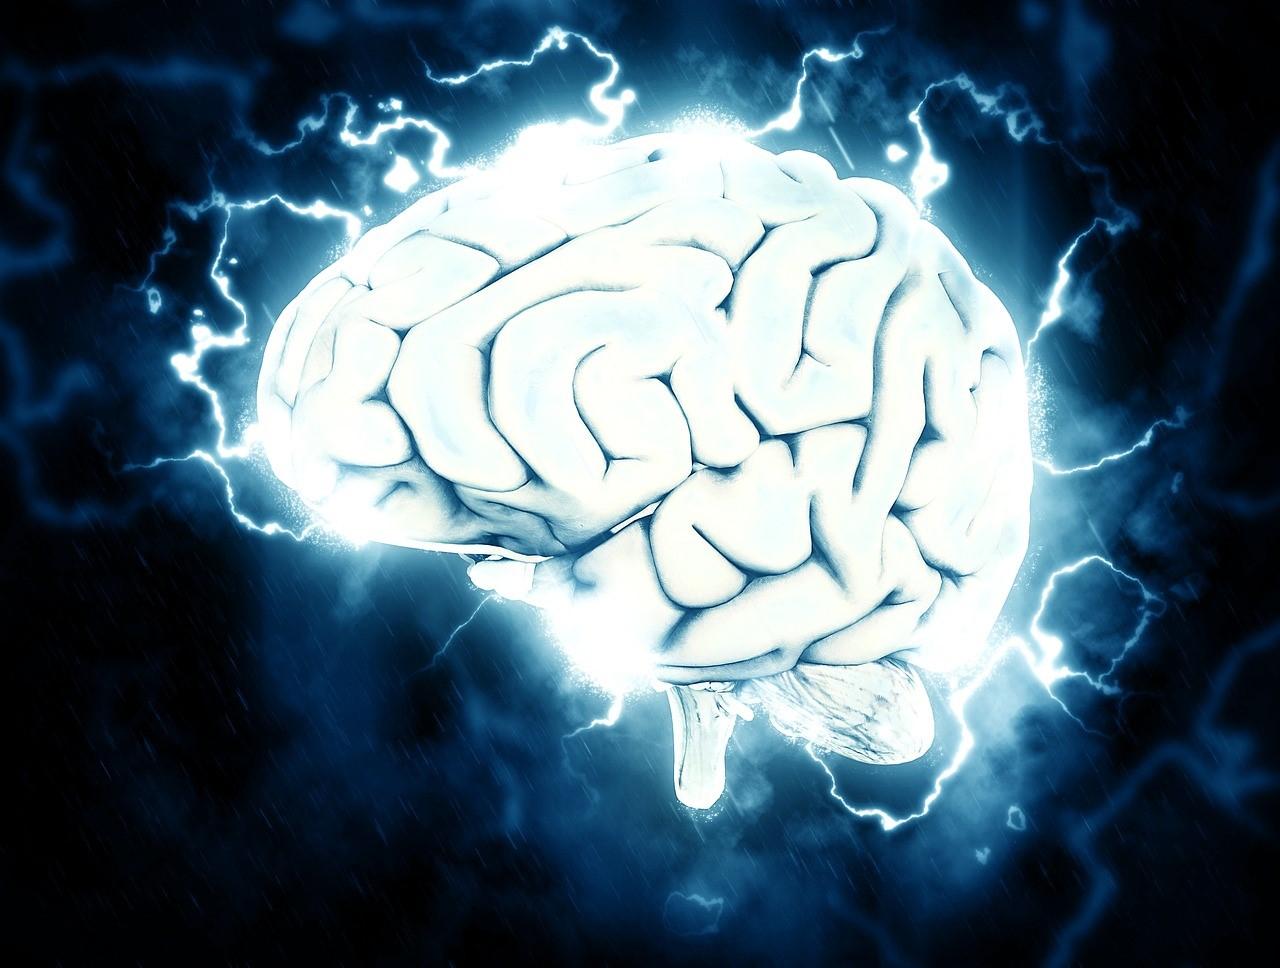 Функции мозга свиньи удалось восстановить через четыре часа после смерти